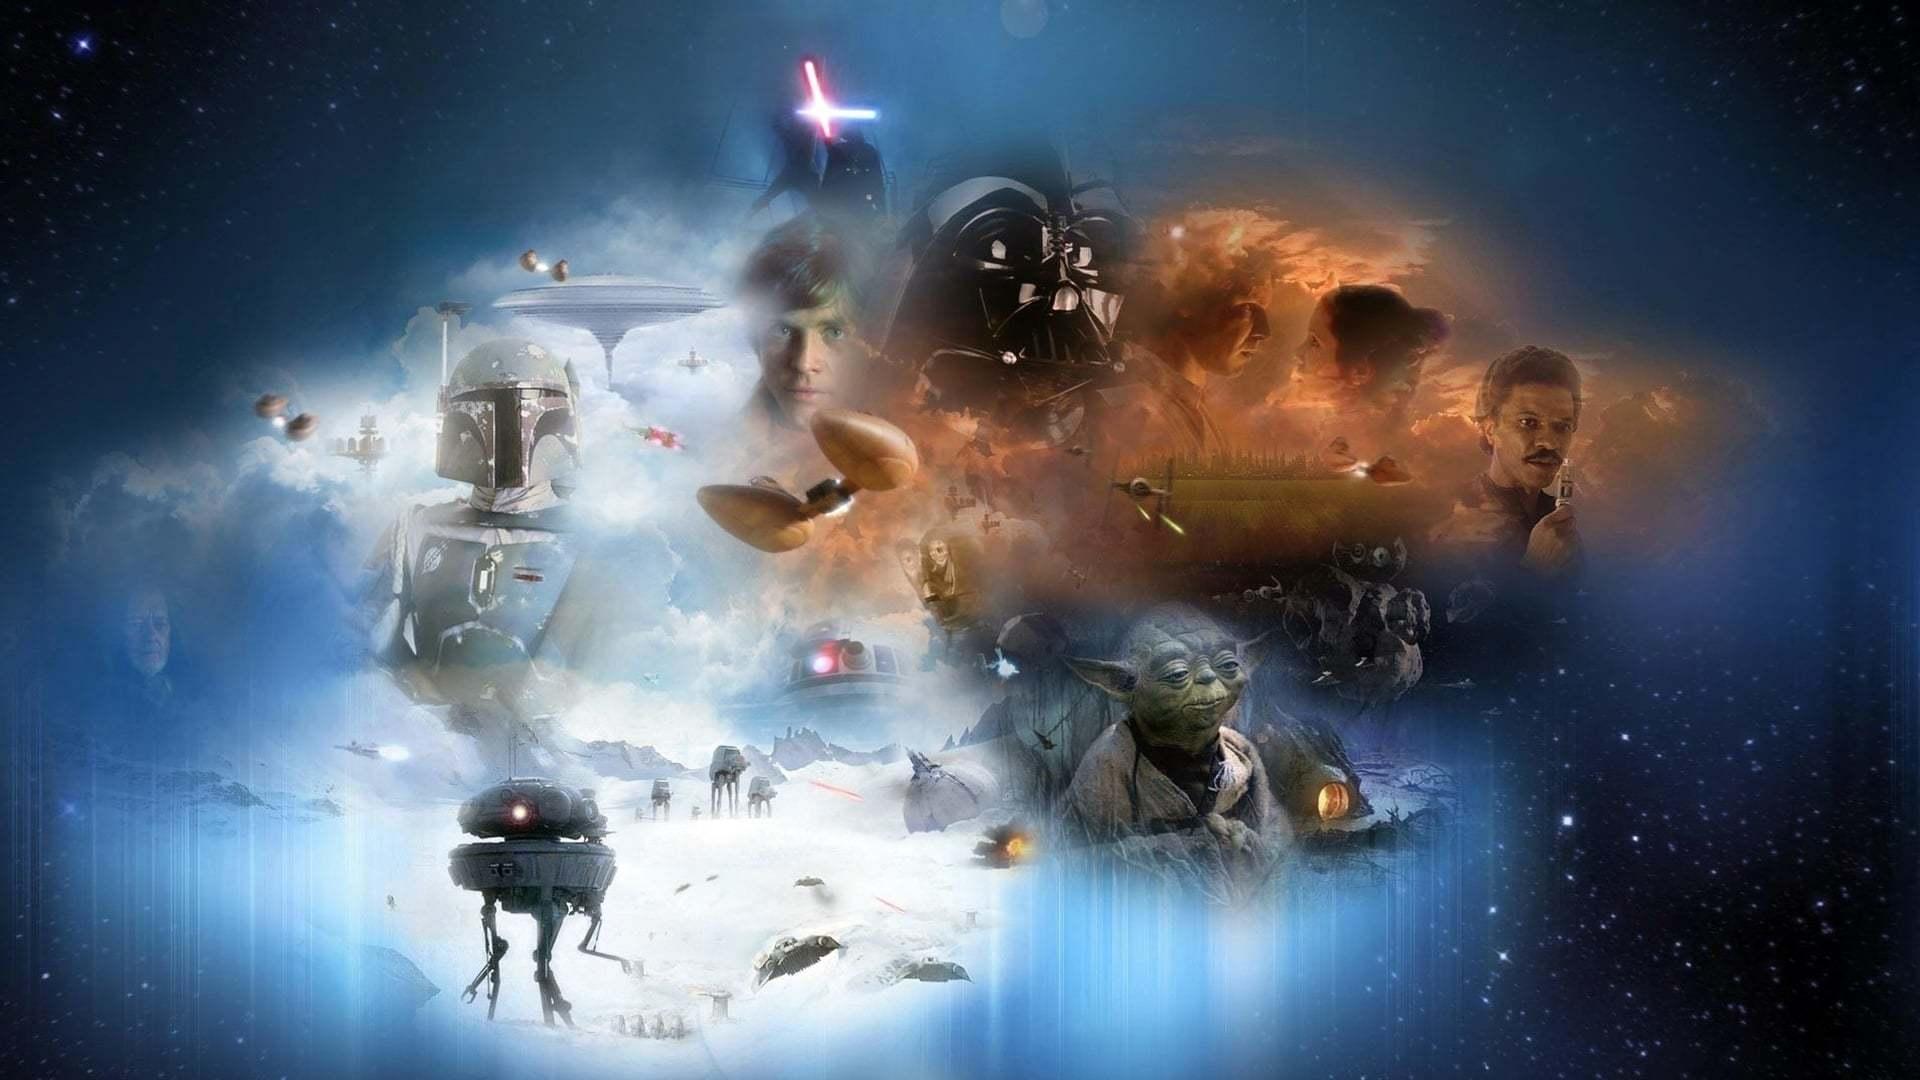 Кадры из фильма Звёздные войны: Эпизод 5 – Империя наносит ответный удар Star Wars: Episode V - The Empire Strikes Back 1980